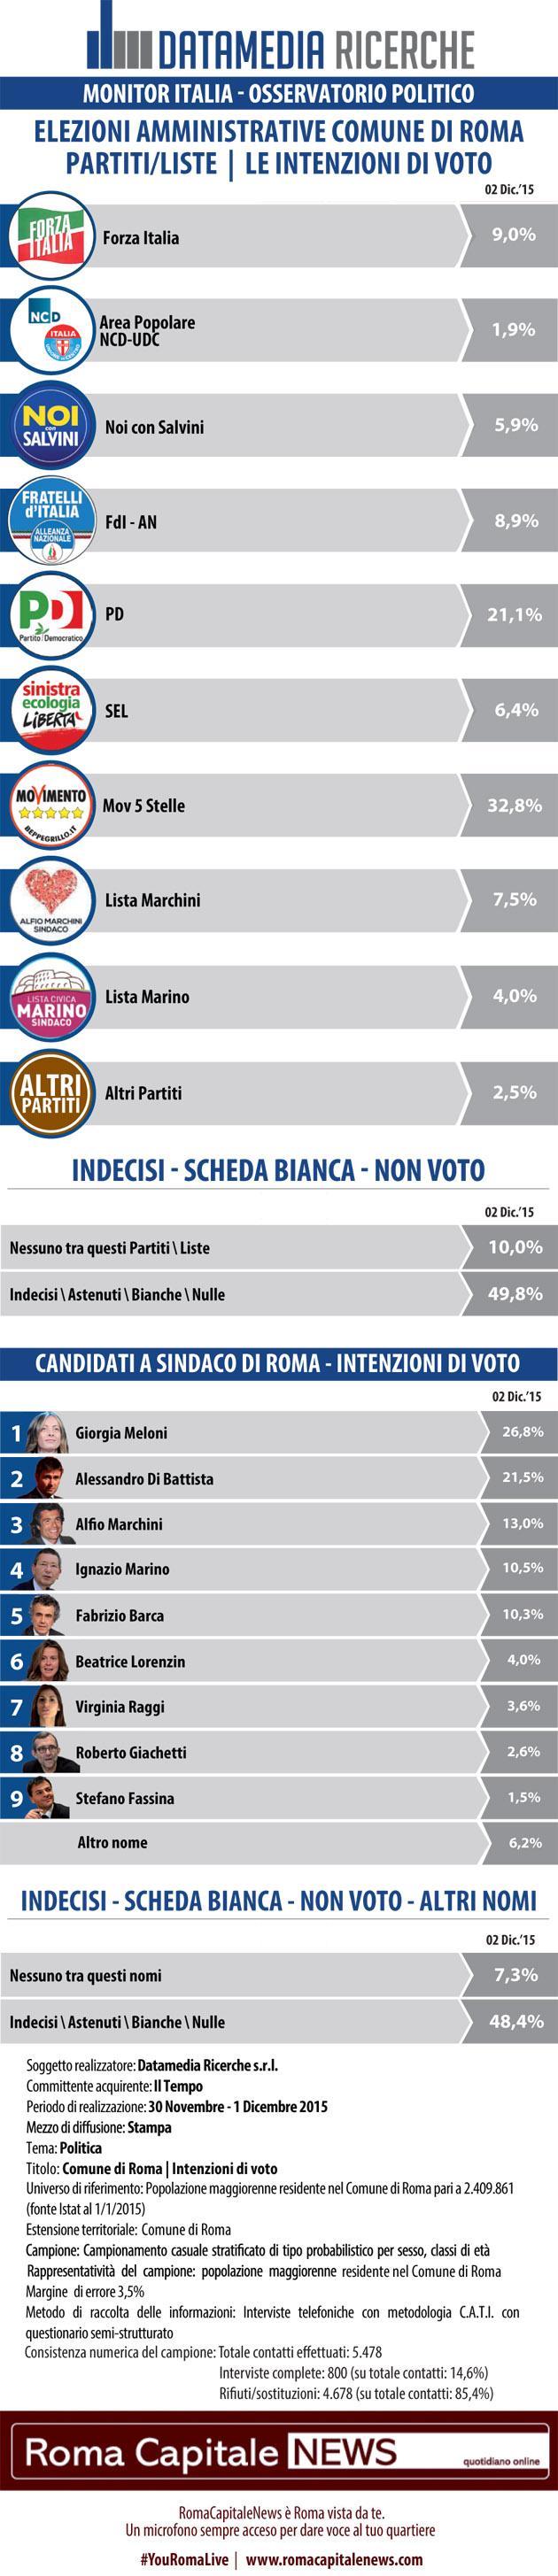 elezioni comunali roma, elenco di partiti e candidati e percentuali